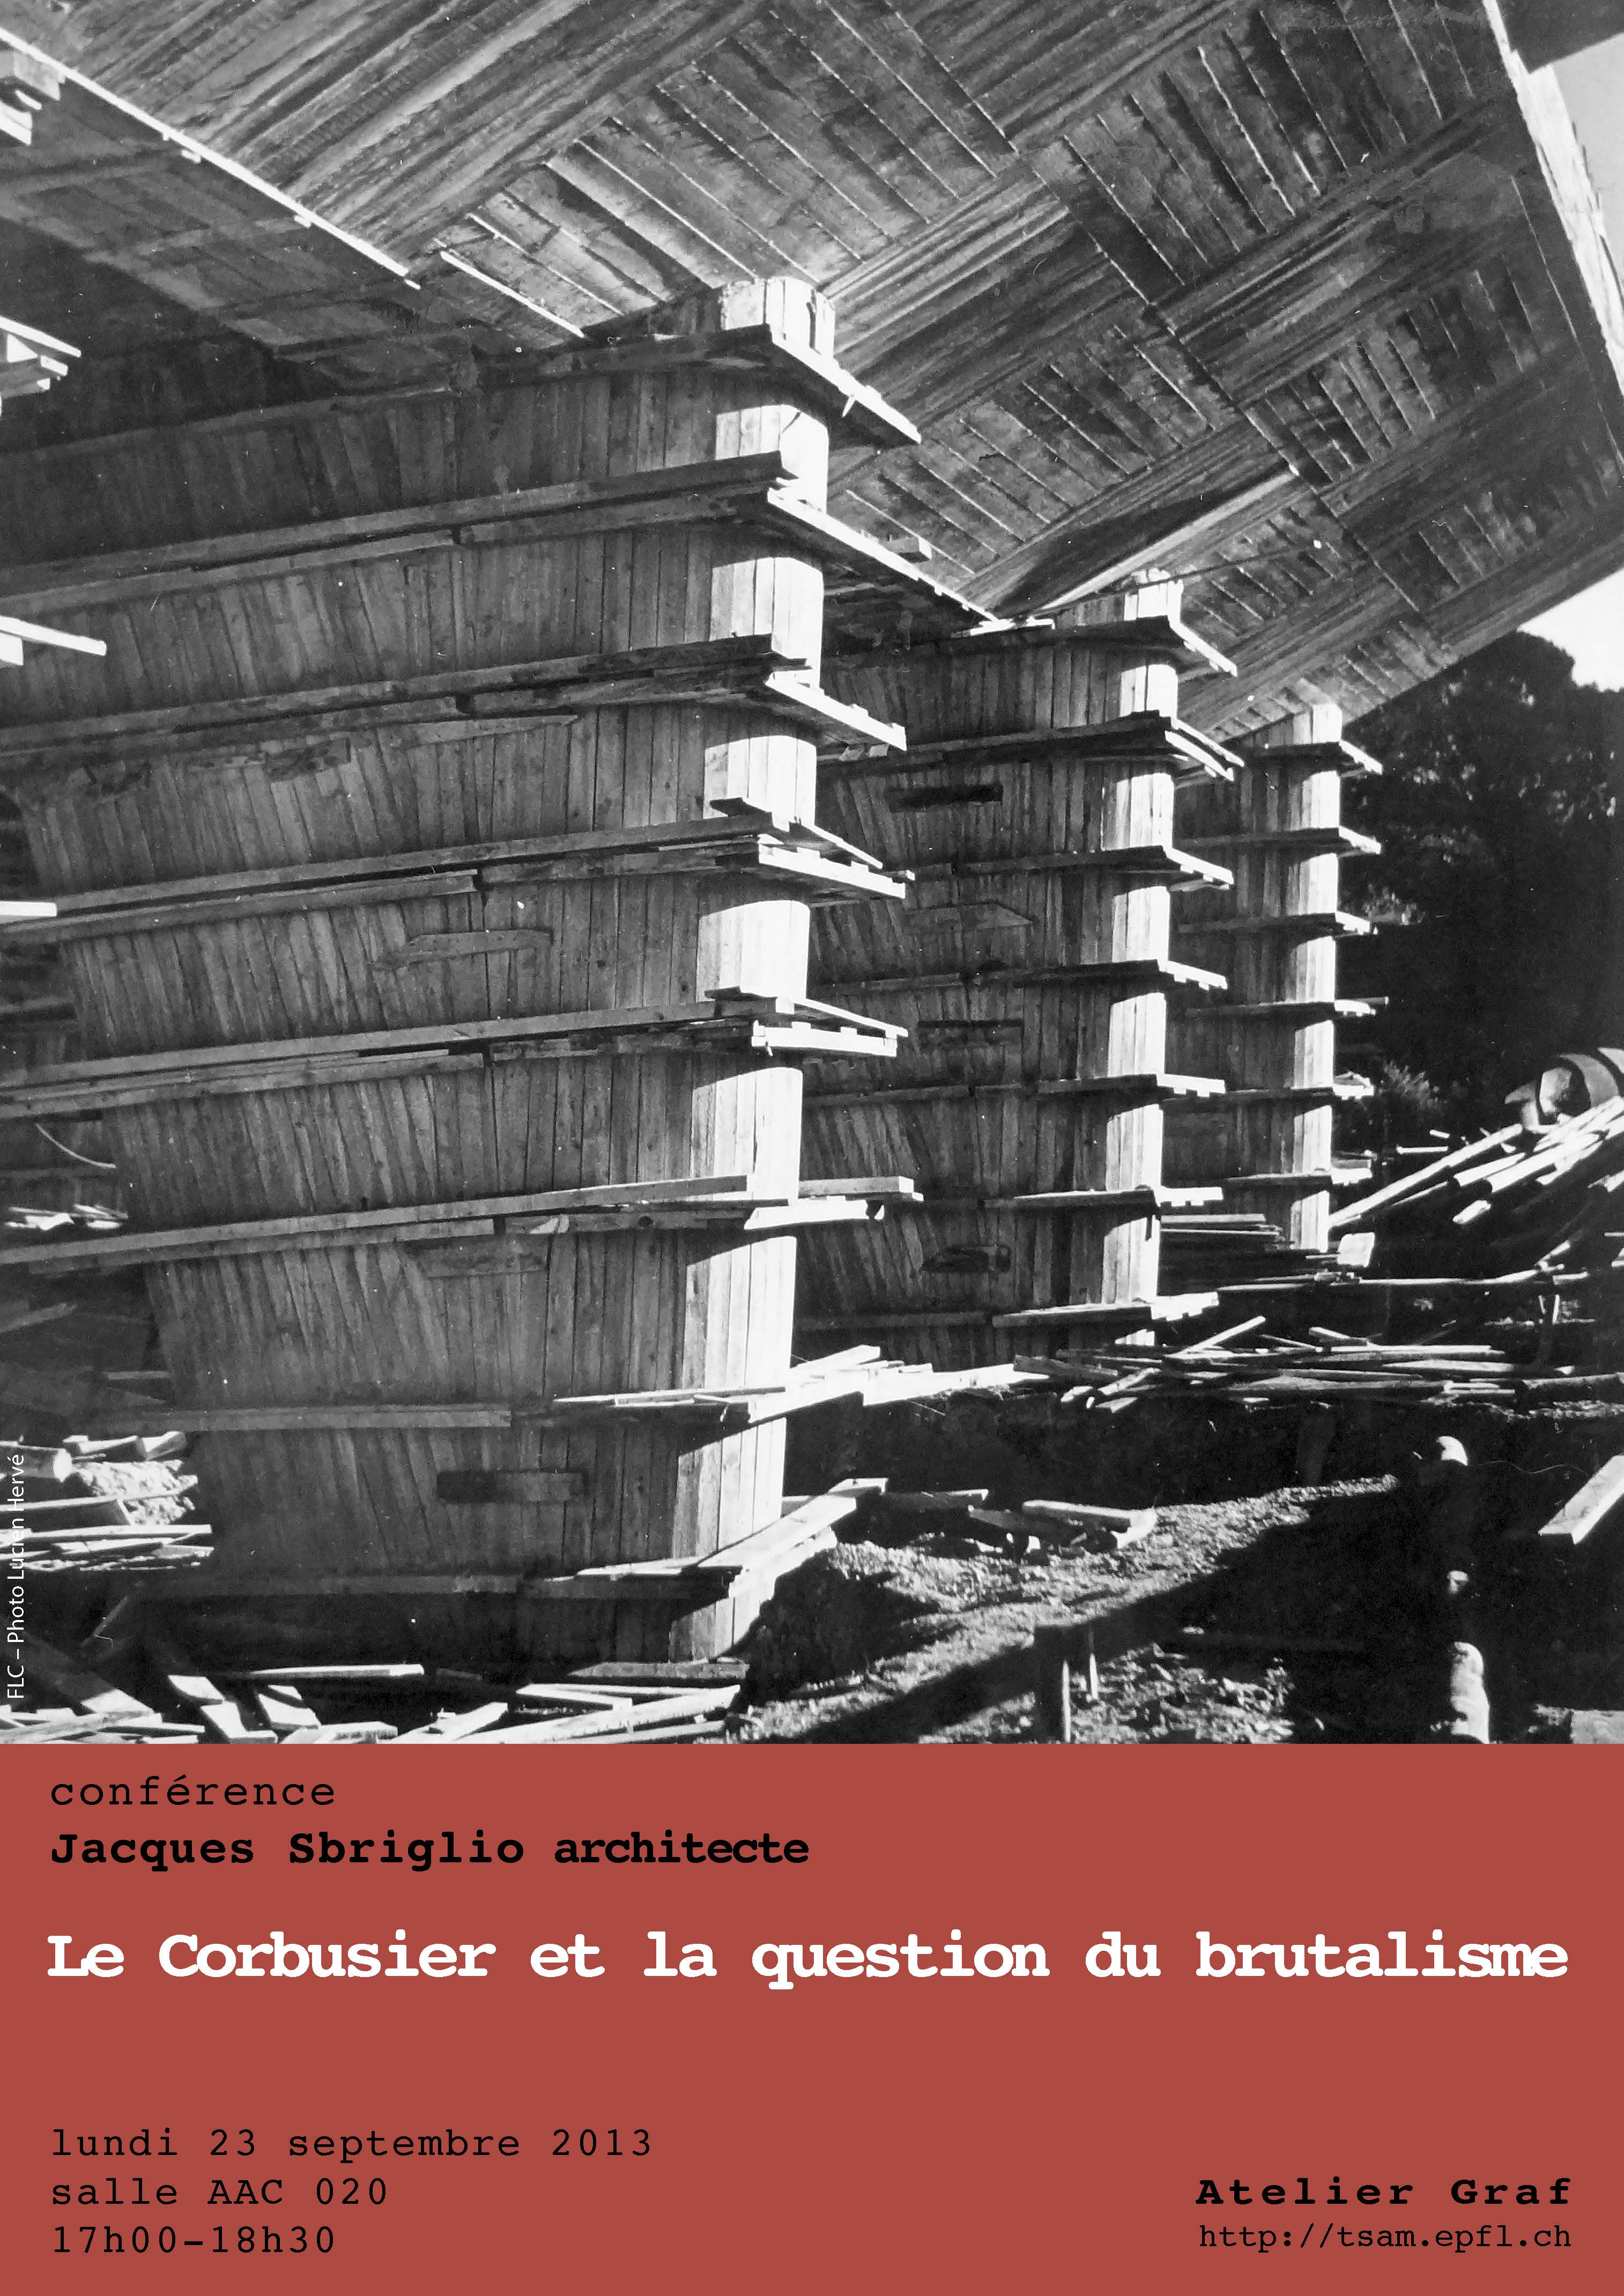 Organization Calendar Free : Le corbusier et la question du brutalisme